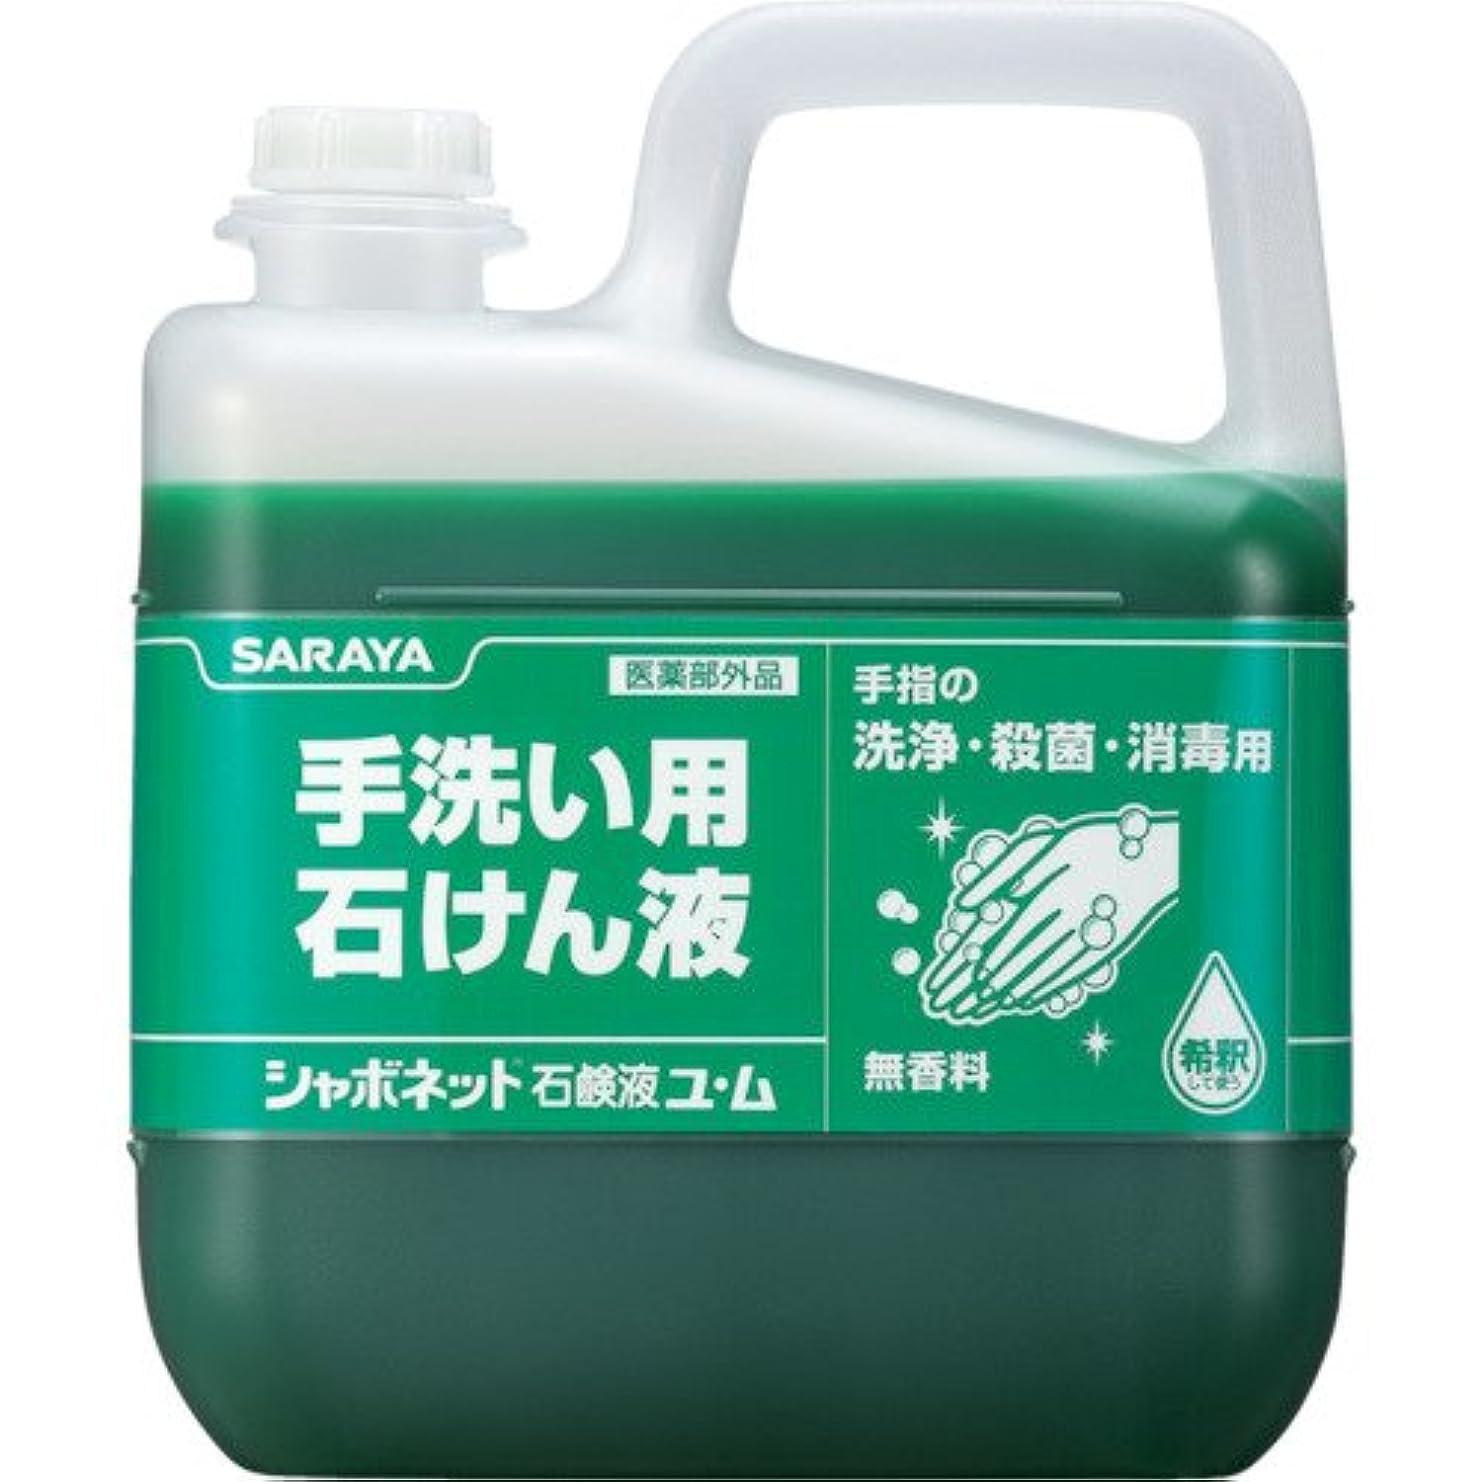 ケープ福祉つぼみサラヤ ハンドソープ シャボネット石鹸液ユ?ム 5kg